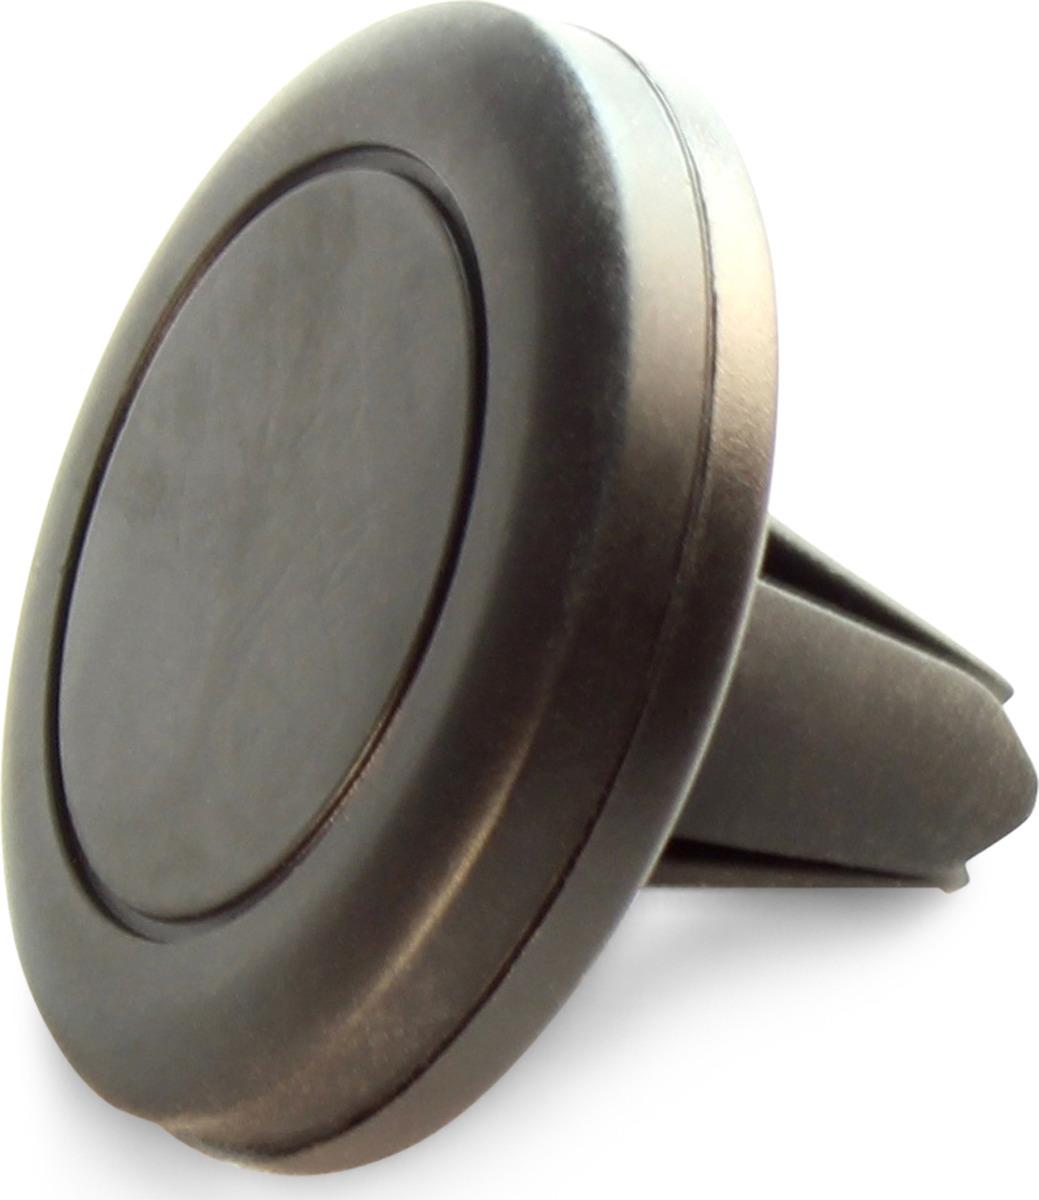 Автомобильный держатель для телефона Auto Element, AC029, черный автомобильный держатель onetto easy one handed air vent черный